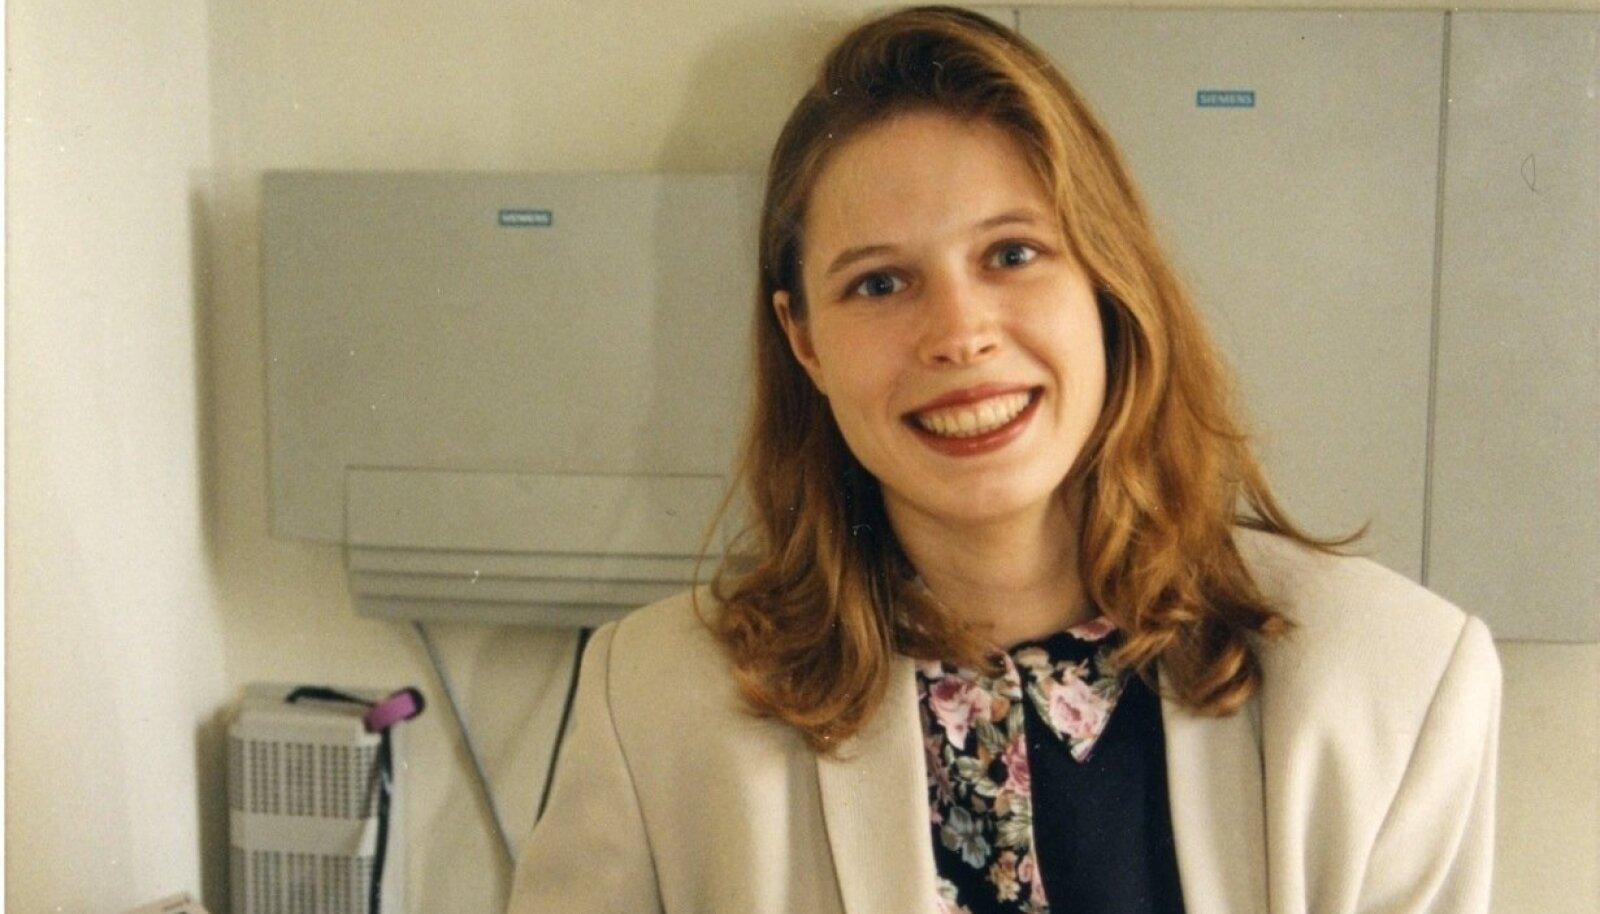 TULEVANE RIIGIPEA: Kersti Kaljulaid (toona veel Talvik) telefonikeskjaamade müügijuhina Eesti Telefonis, mis oli 90ndatel veel osaliselt riigile kuuluv monopoolne ettevõte.